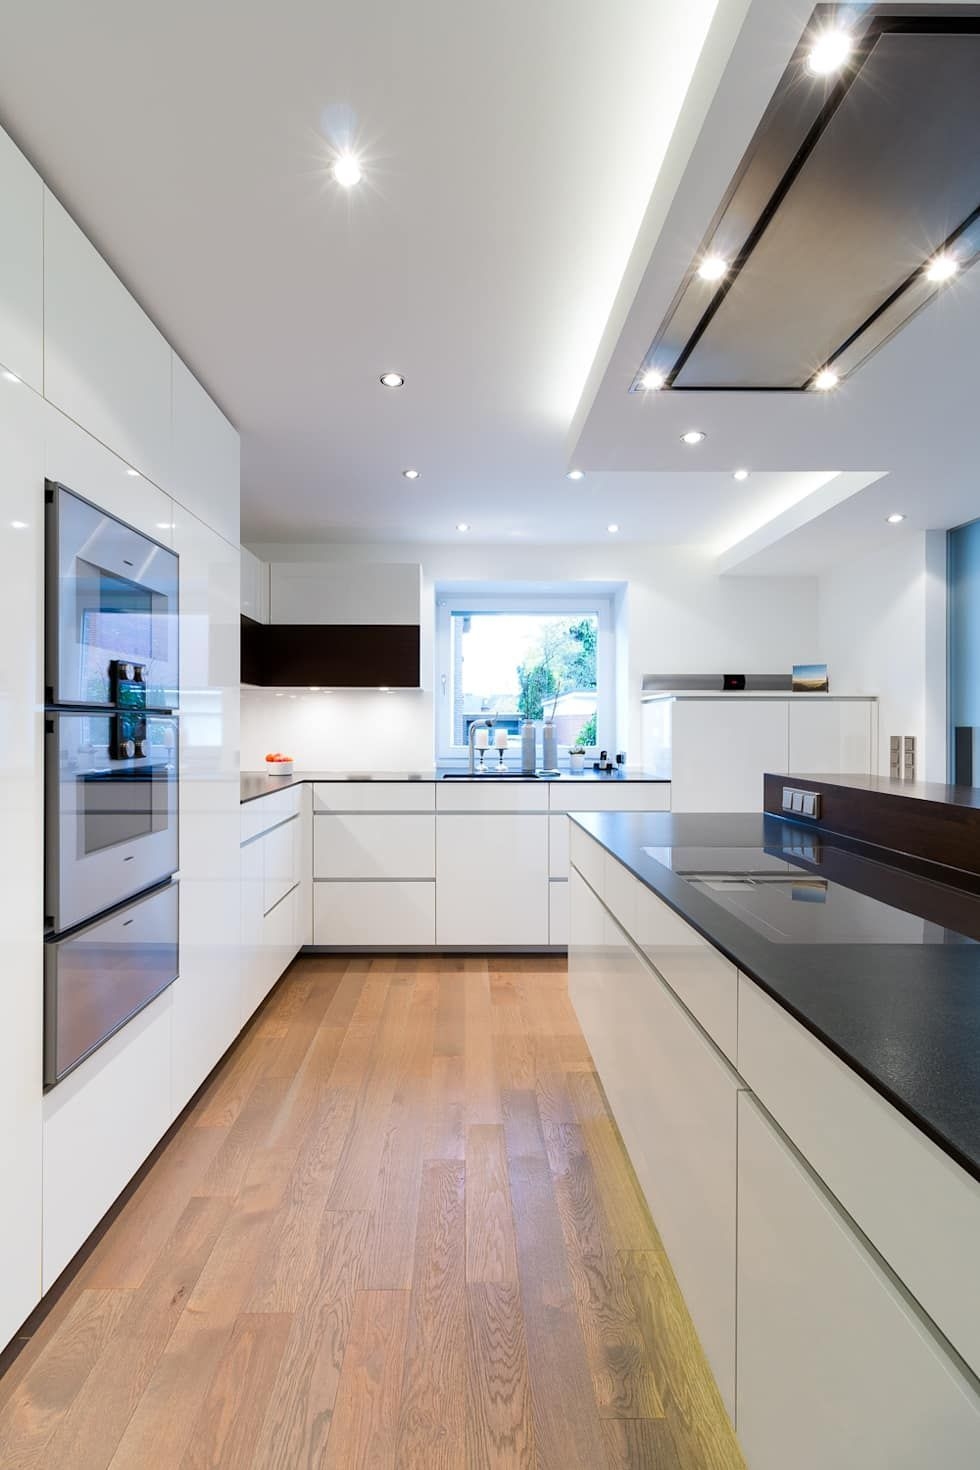 Wohnküche nach Maß in Borken: moderne Küche von Klocke ...